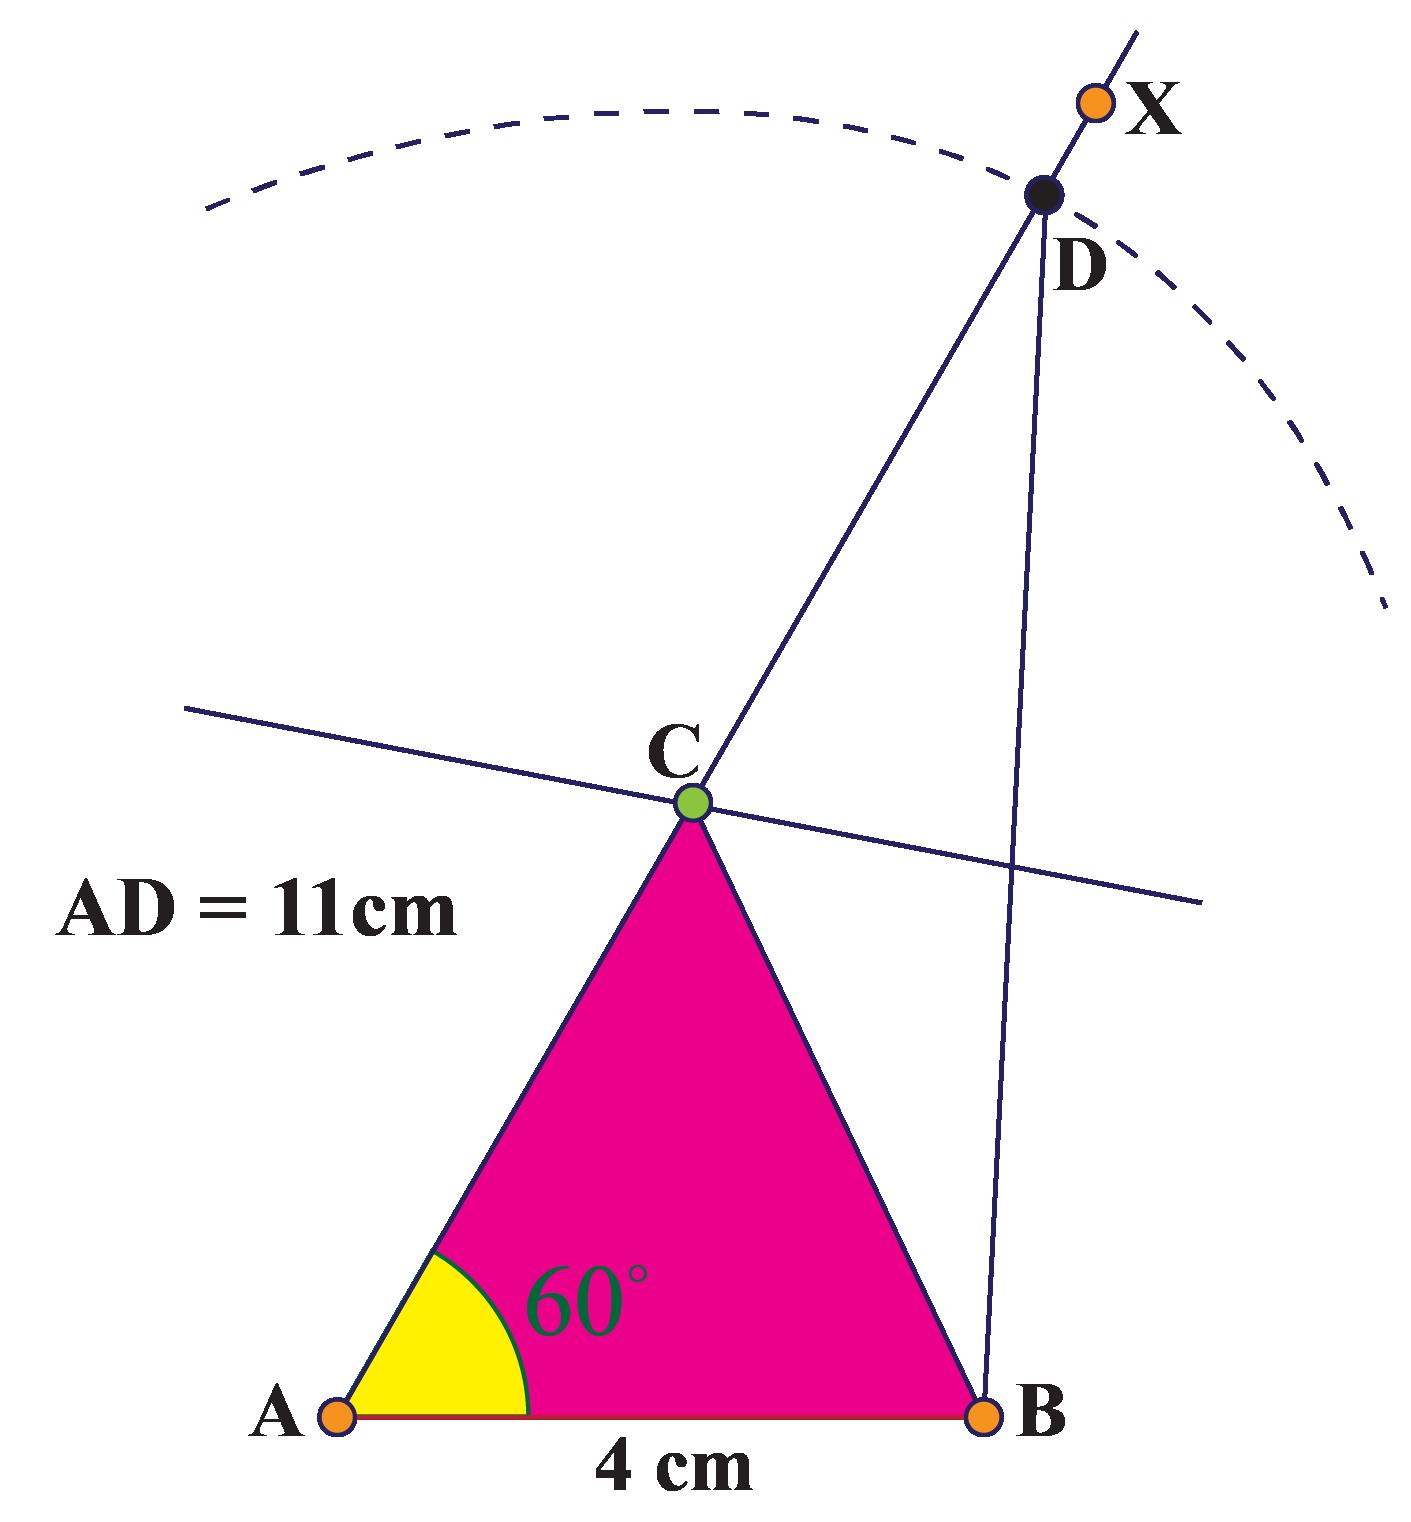 Triangle, ray, and arcs